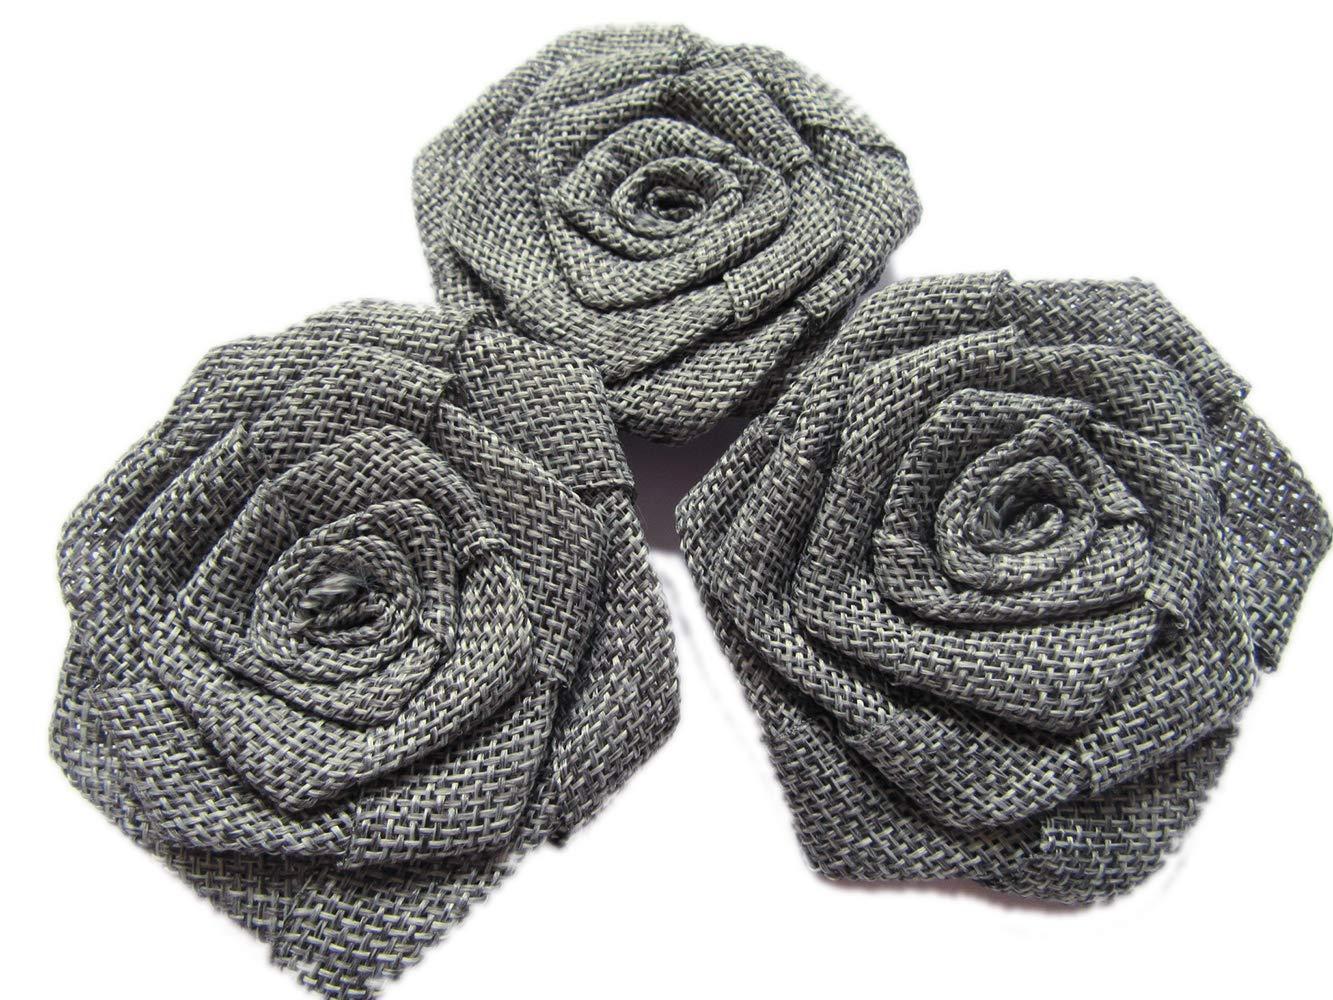 yycraft 12ピース黄麻布Rosesファブリック花のヘッドバンドヘアアクセサリーDIYクラフト/ウェディングパーティーデコレーション/スクラップブッキング装飾 About 3